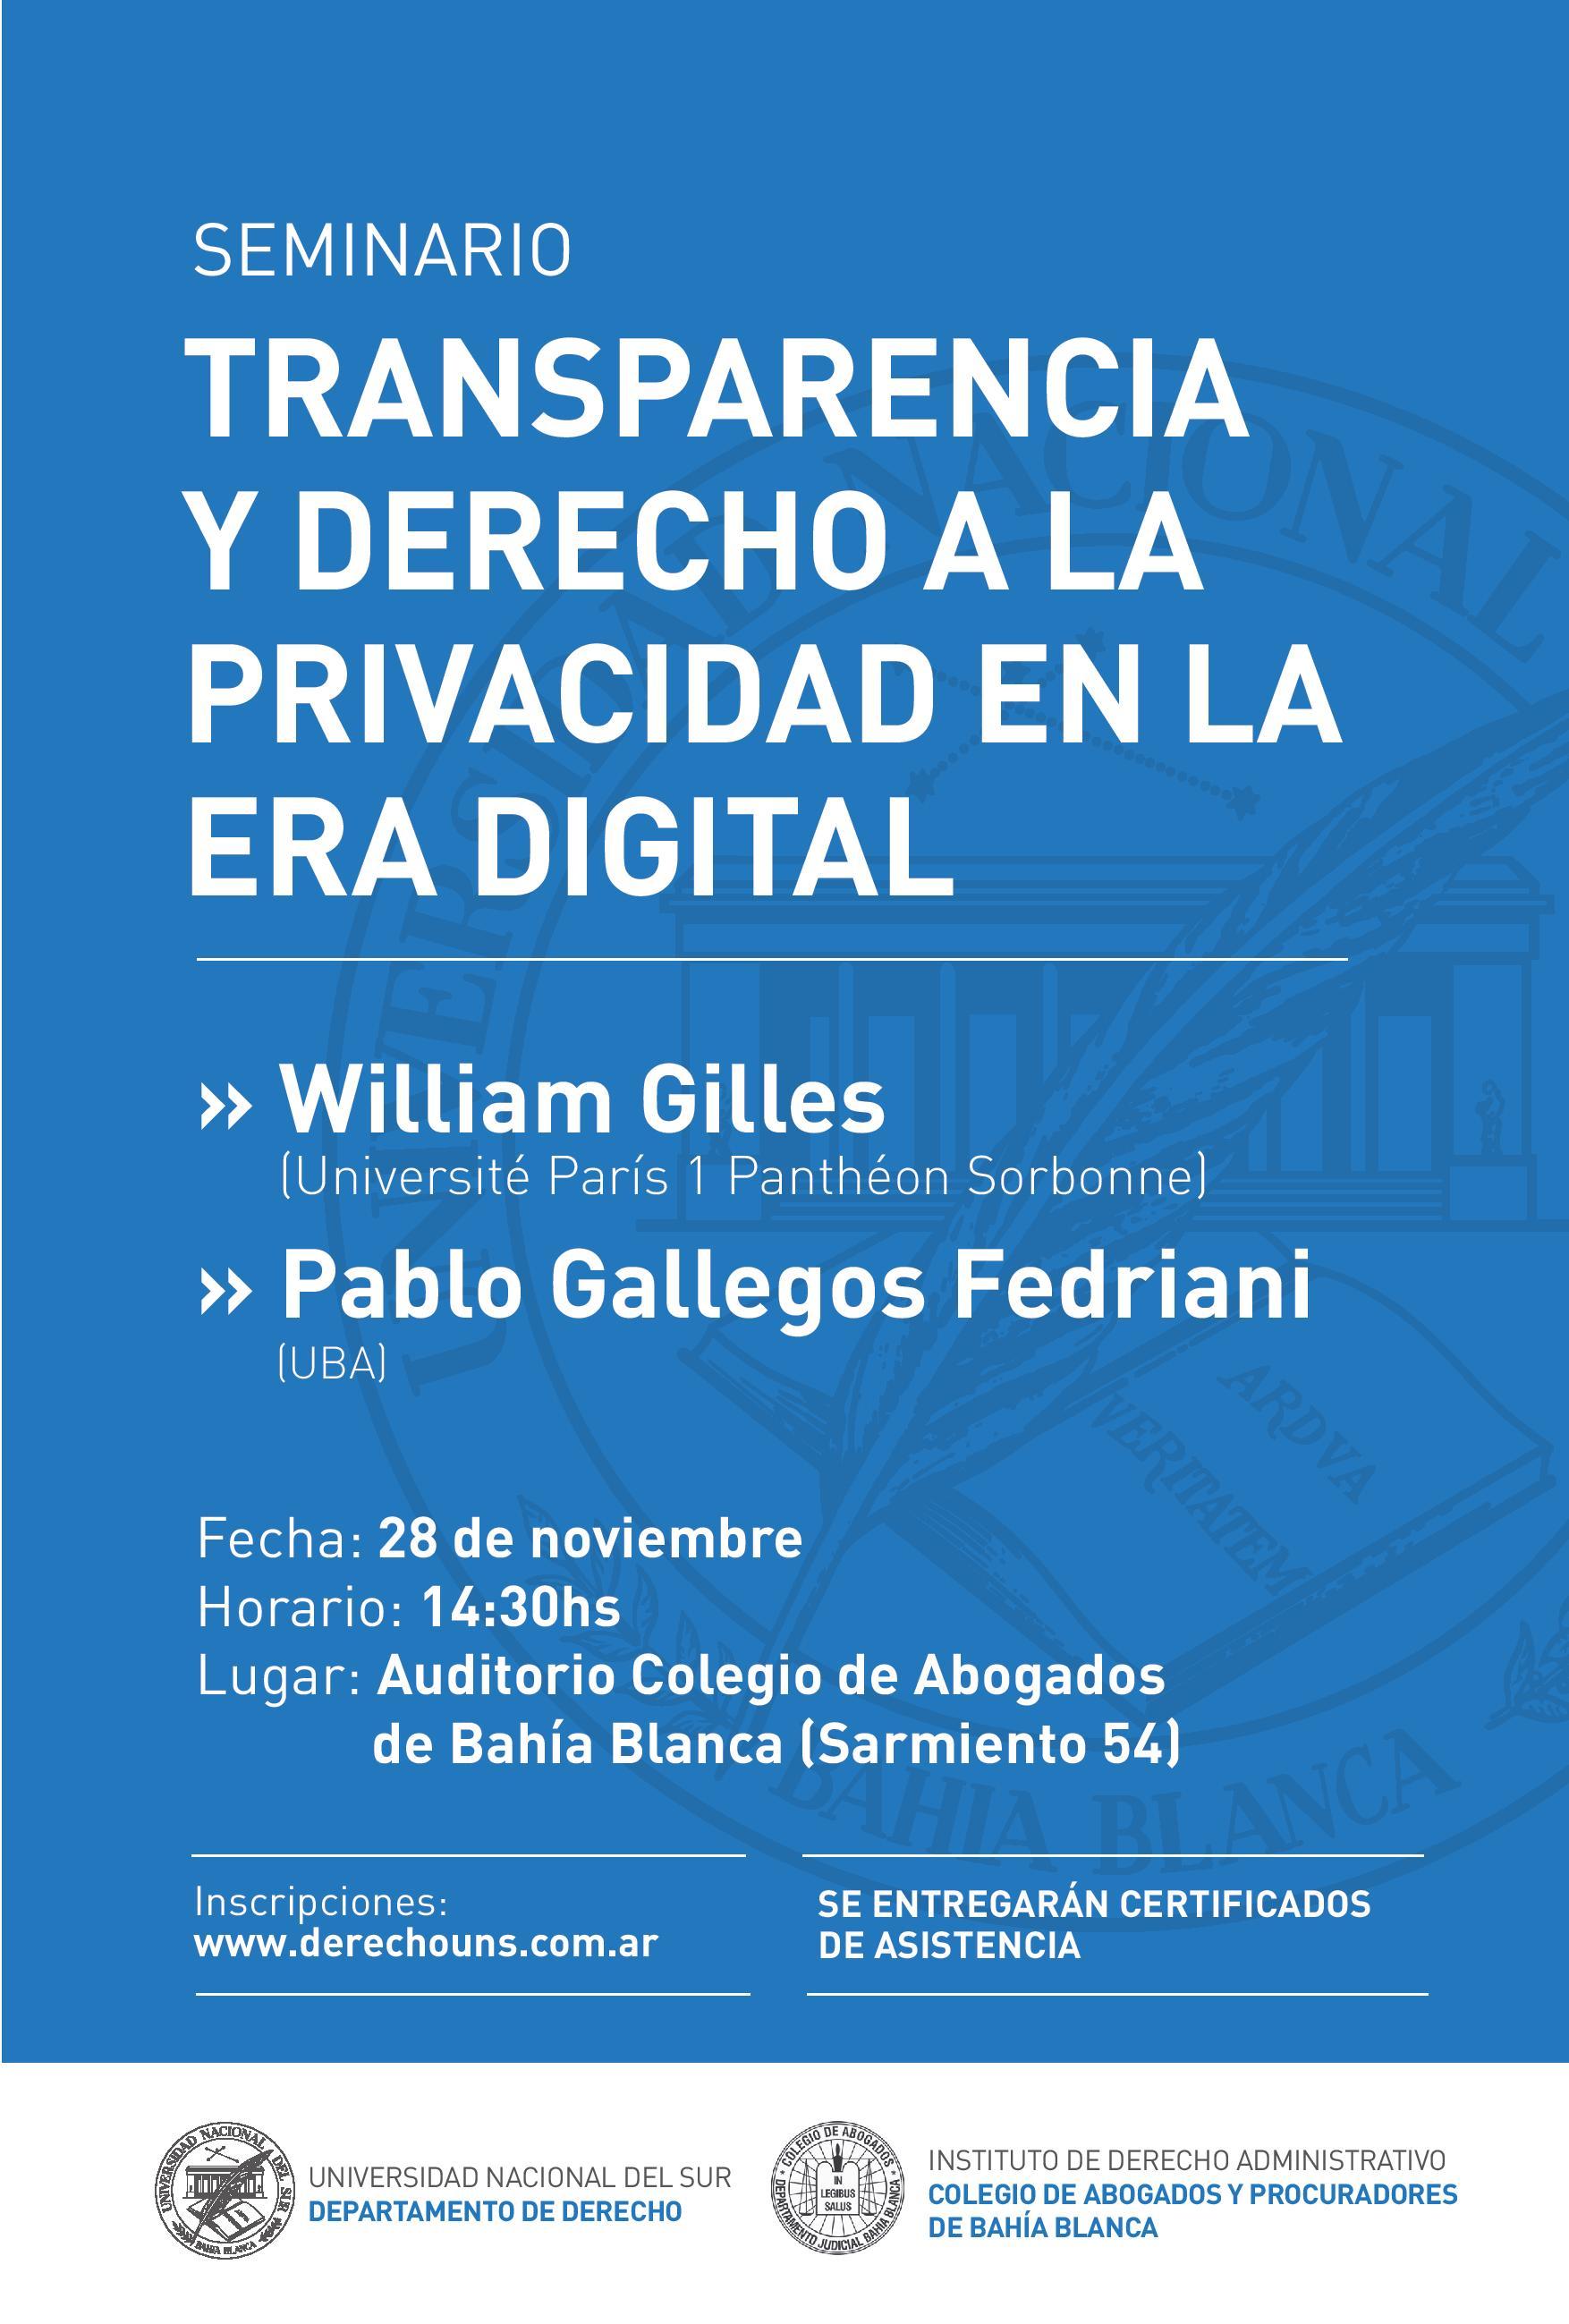 Seminario-Gilles-Fedriani1